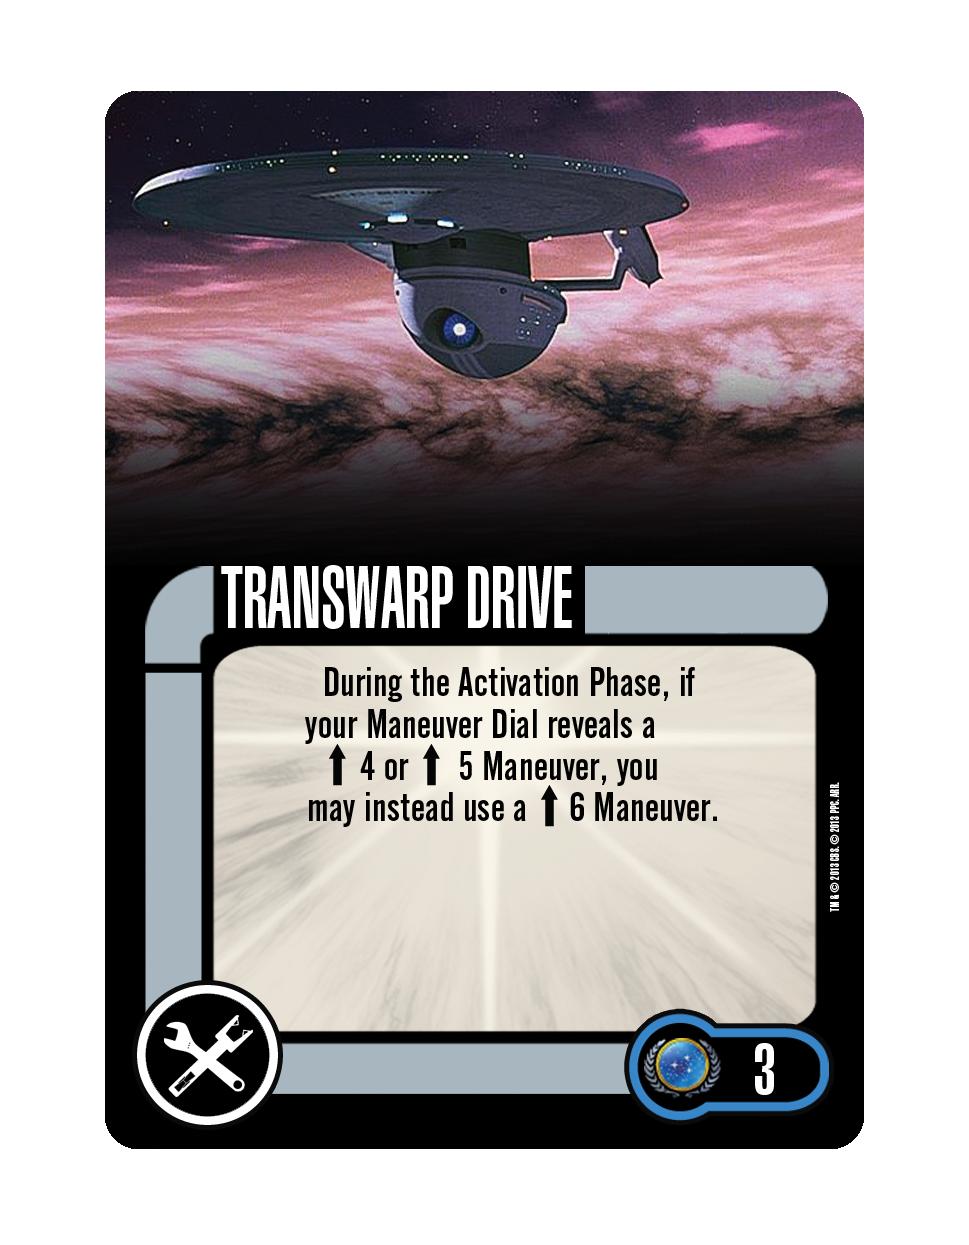 Tech_Transwarp-Drive